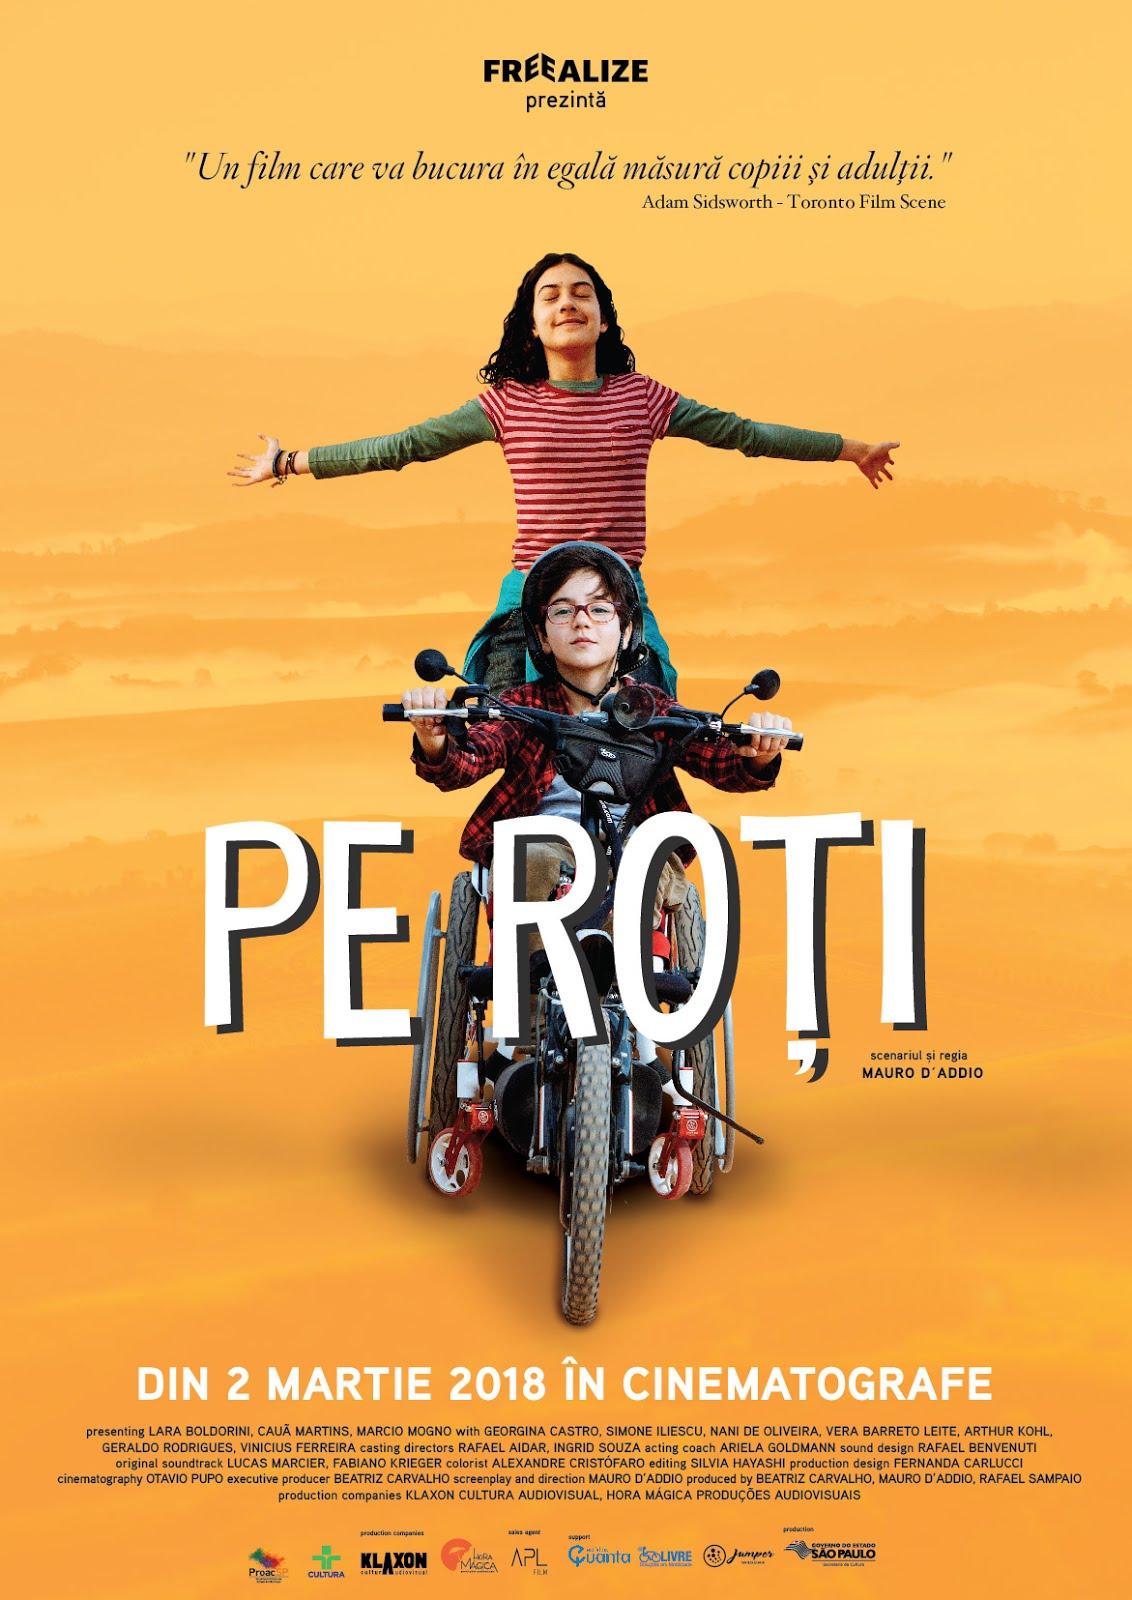 Premieră la cinema (2 martie)